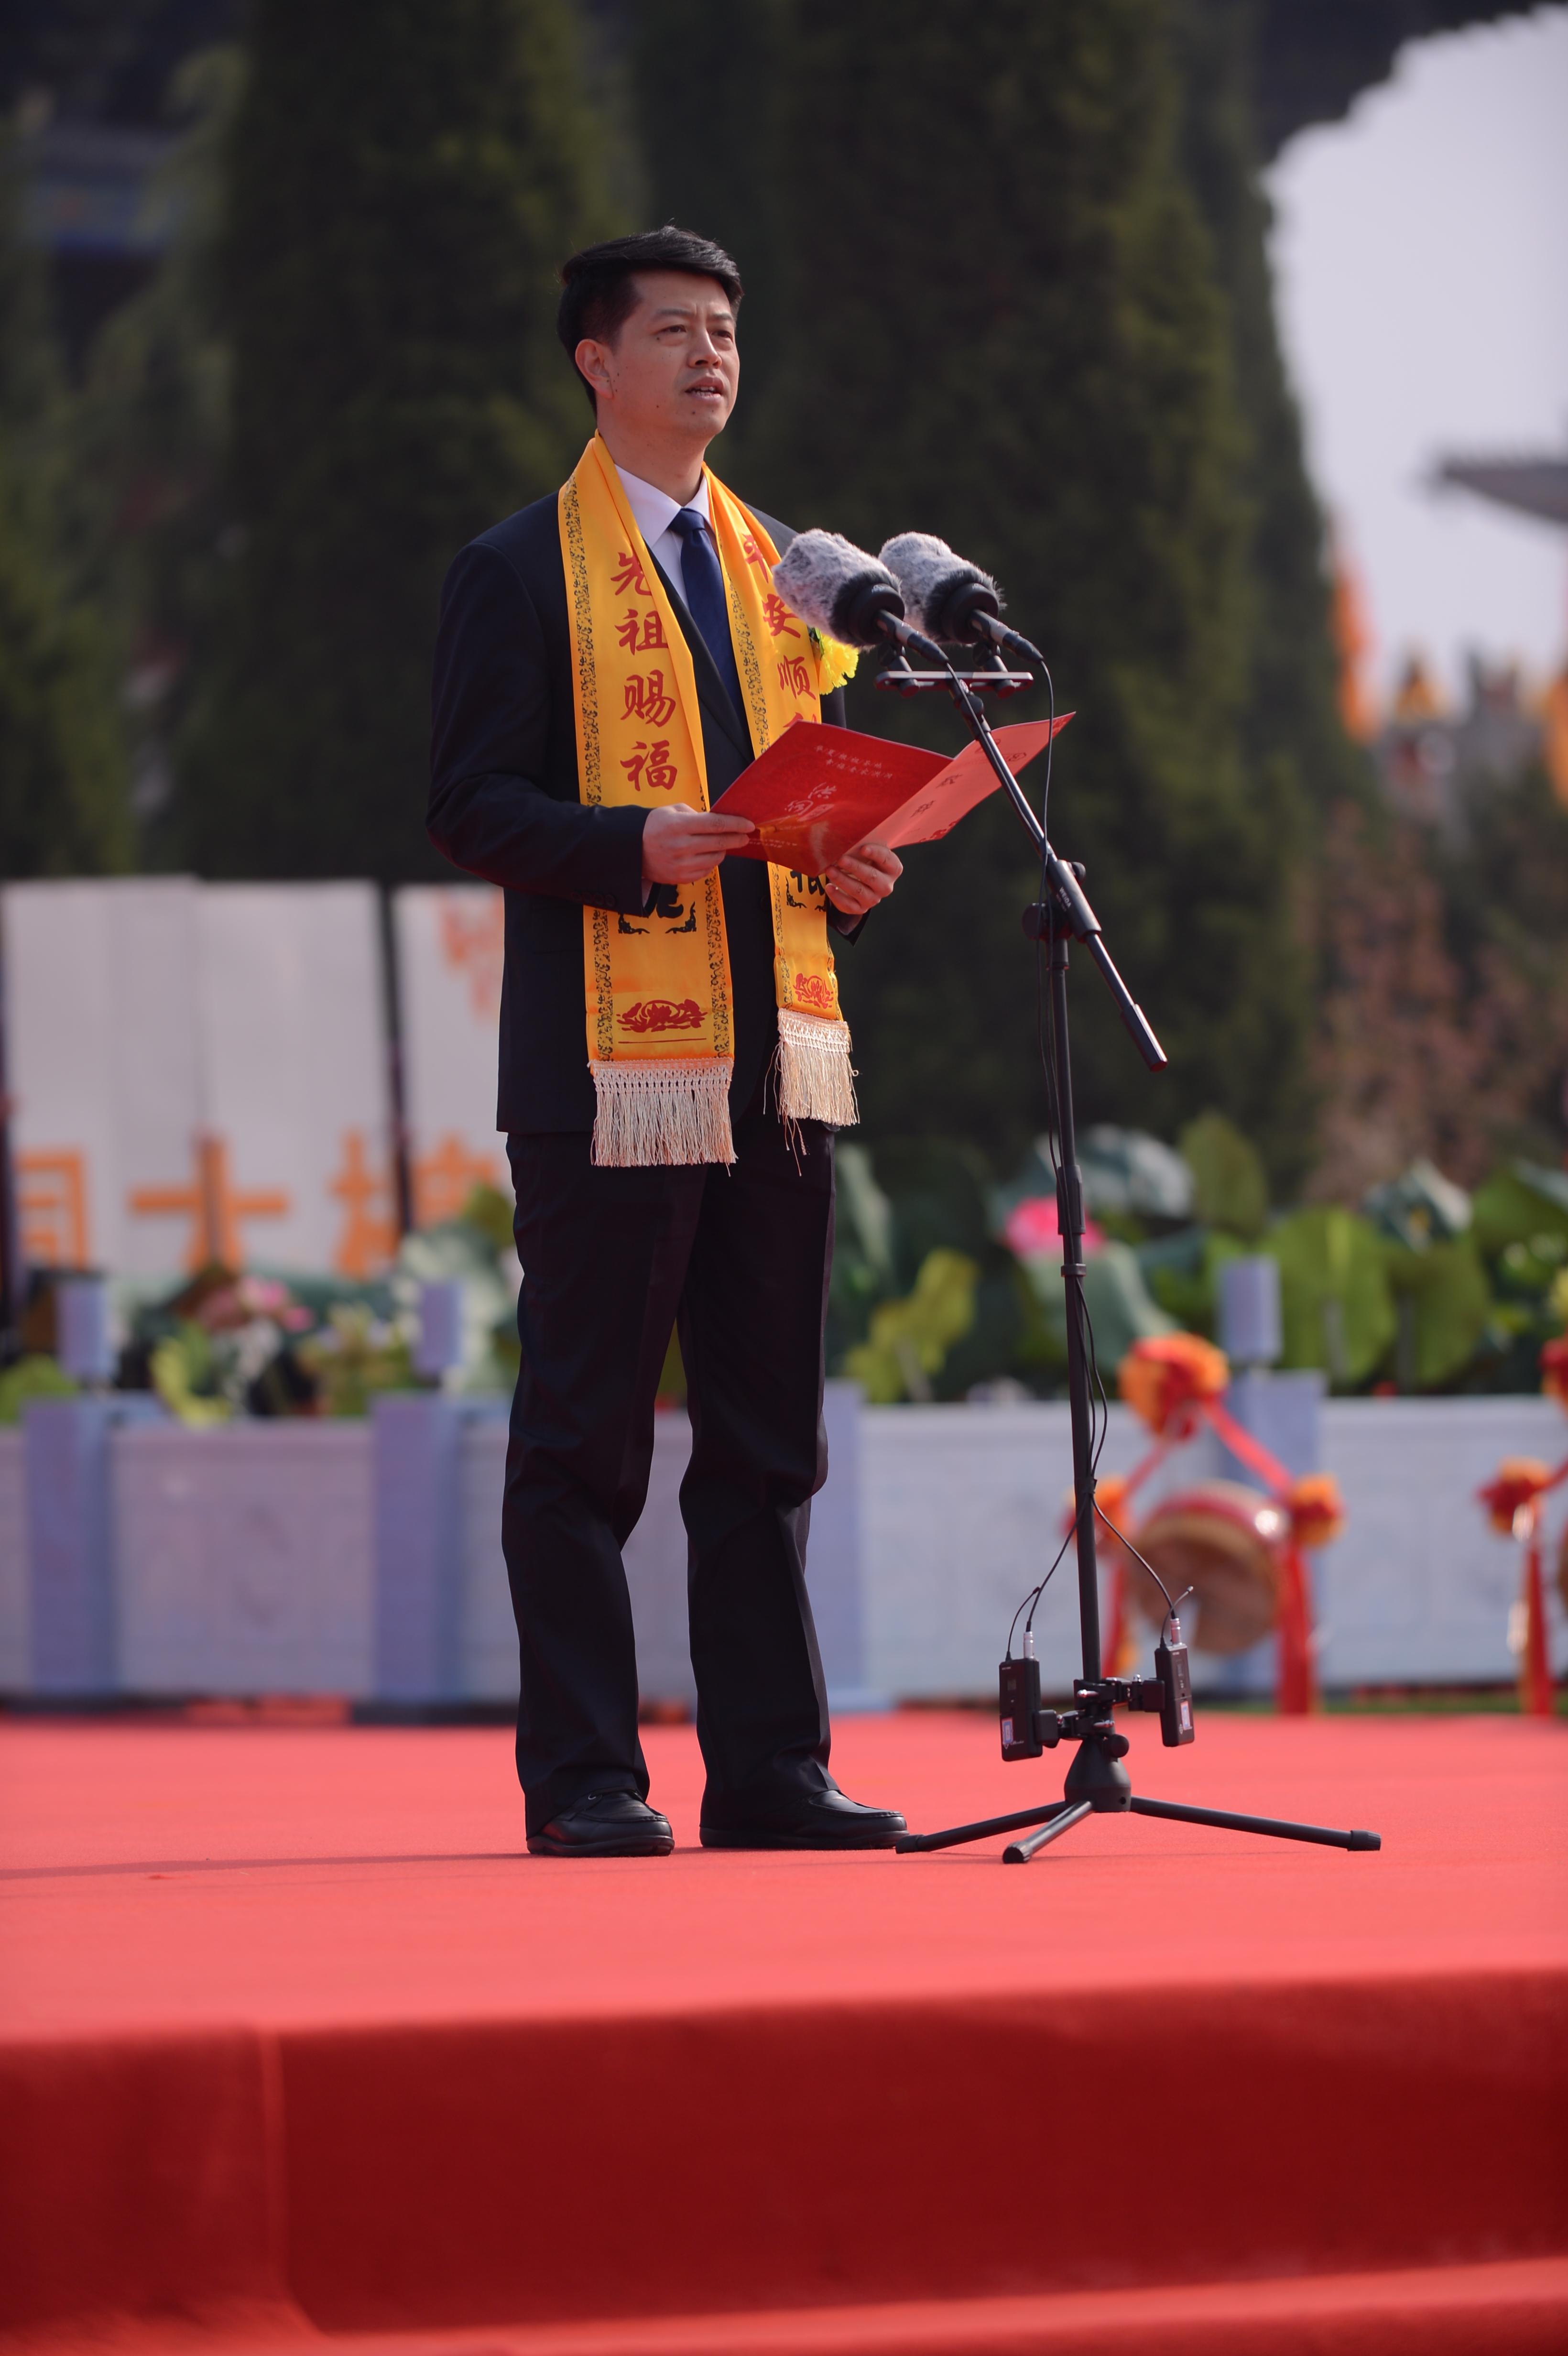 山西洪洞隆重举办第31届大槐树寻根祭祖大典